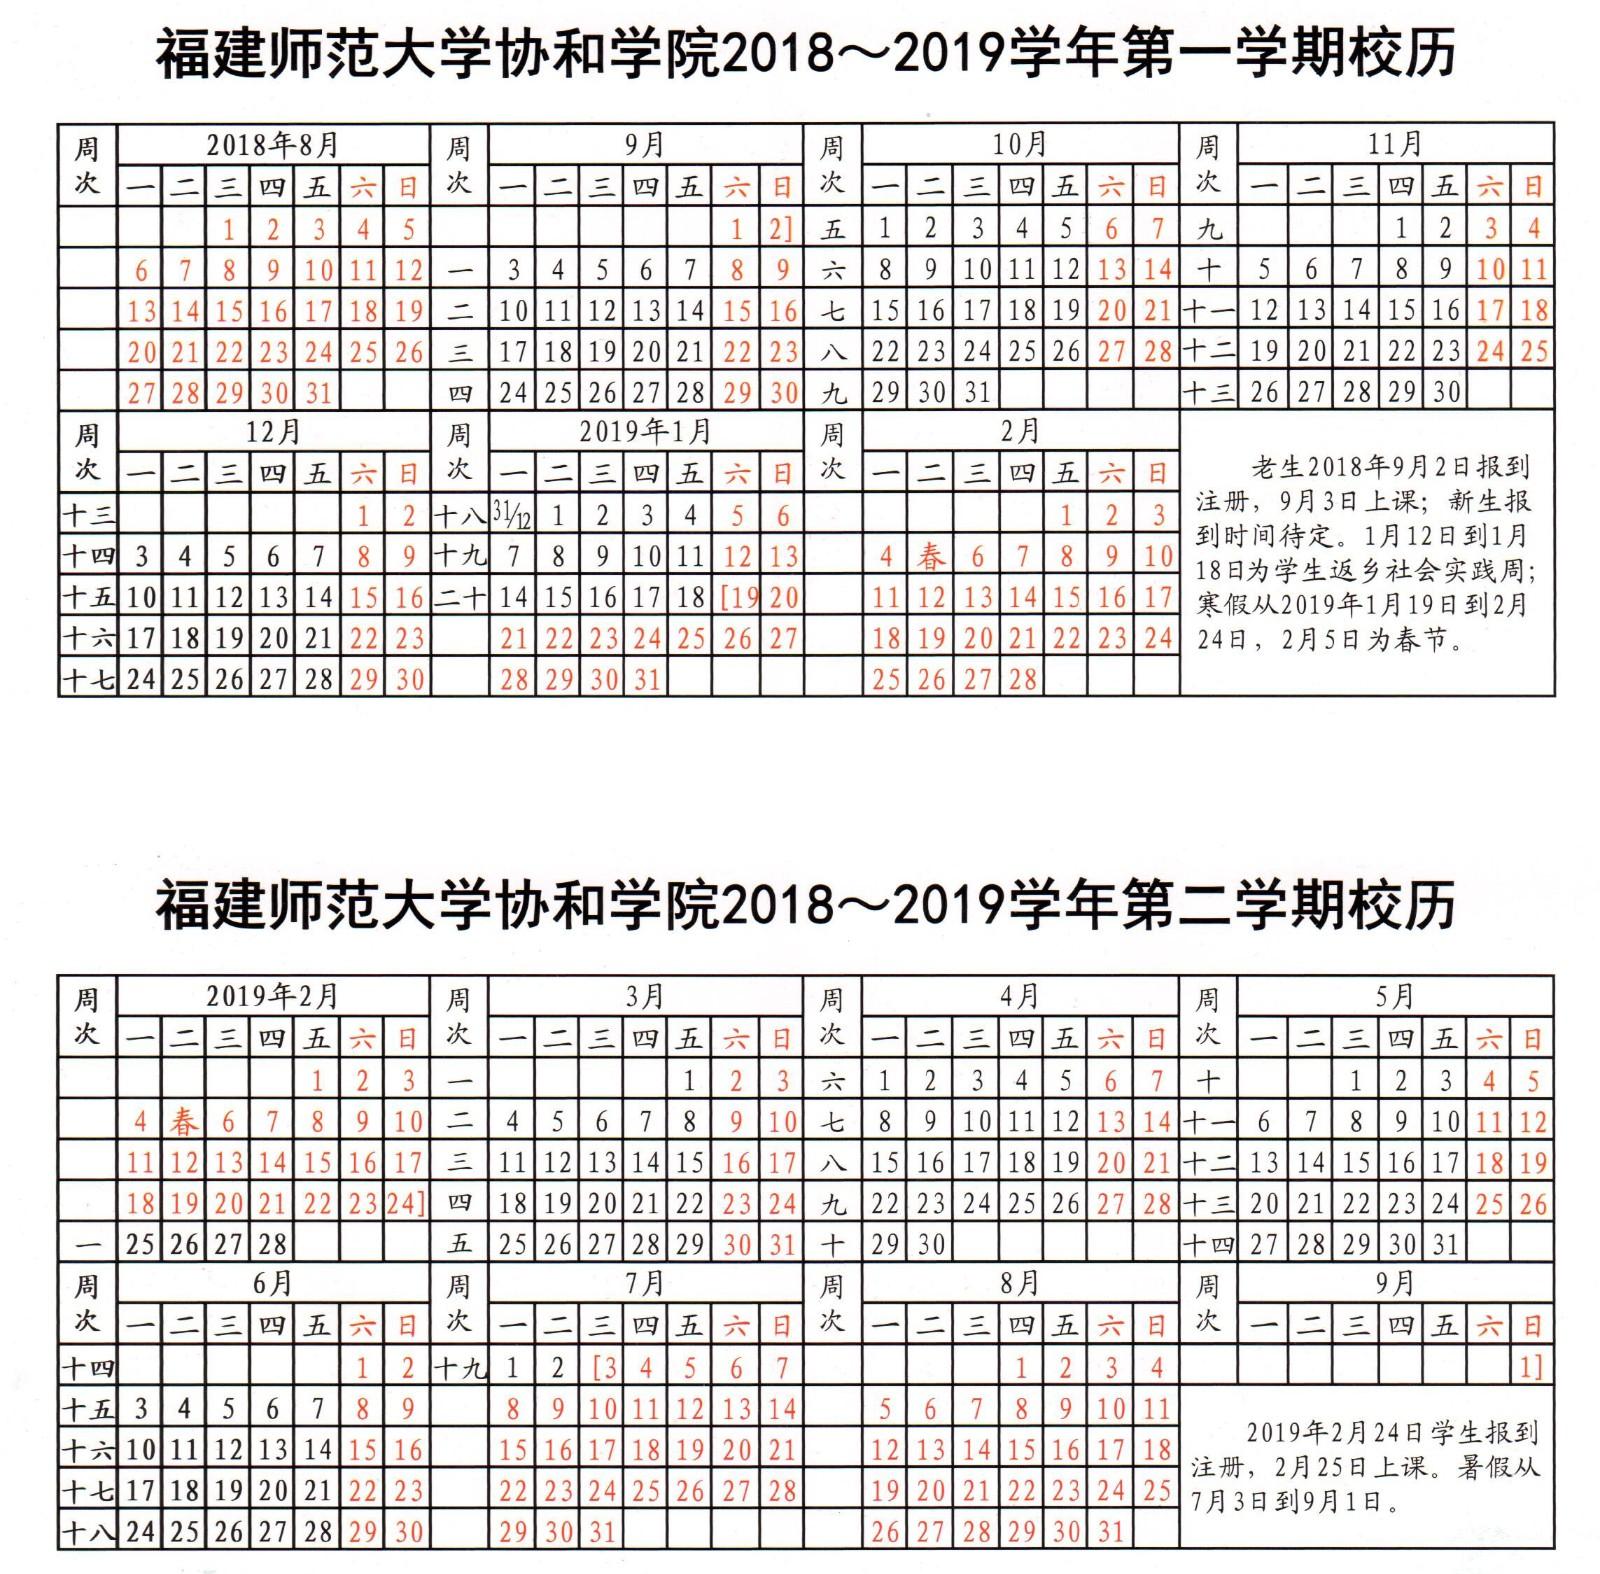 福建师范大学协和学院2018-2019学年校历